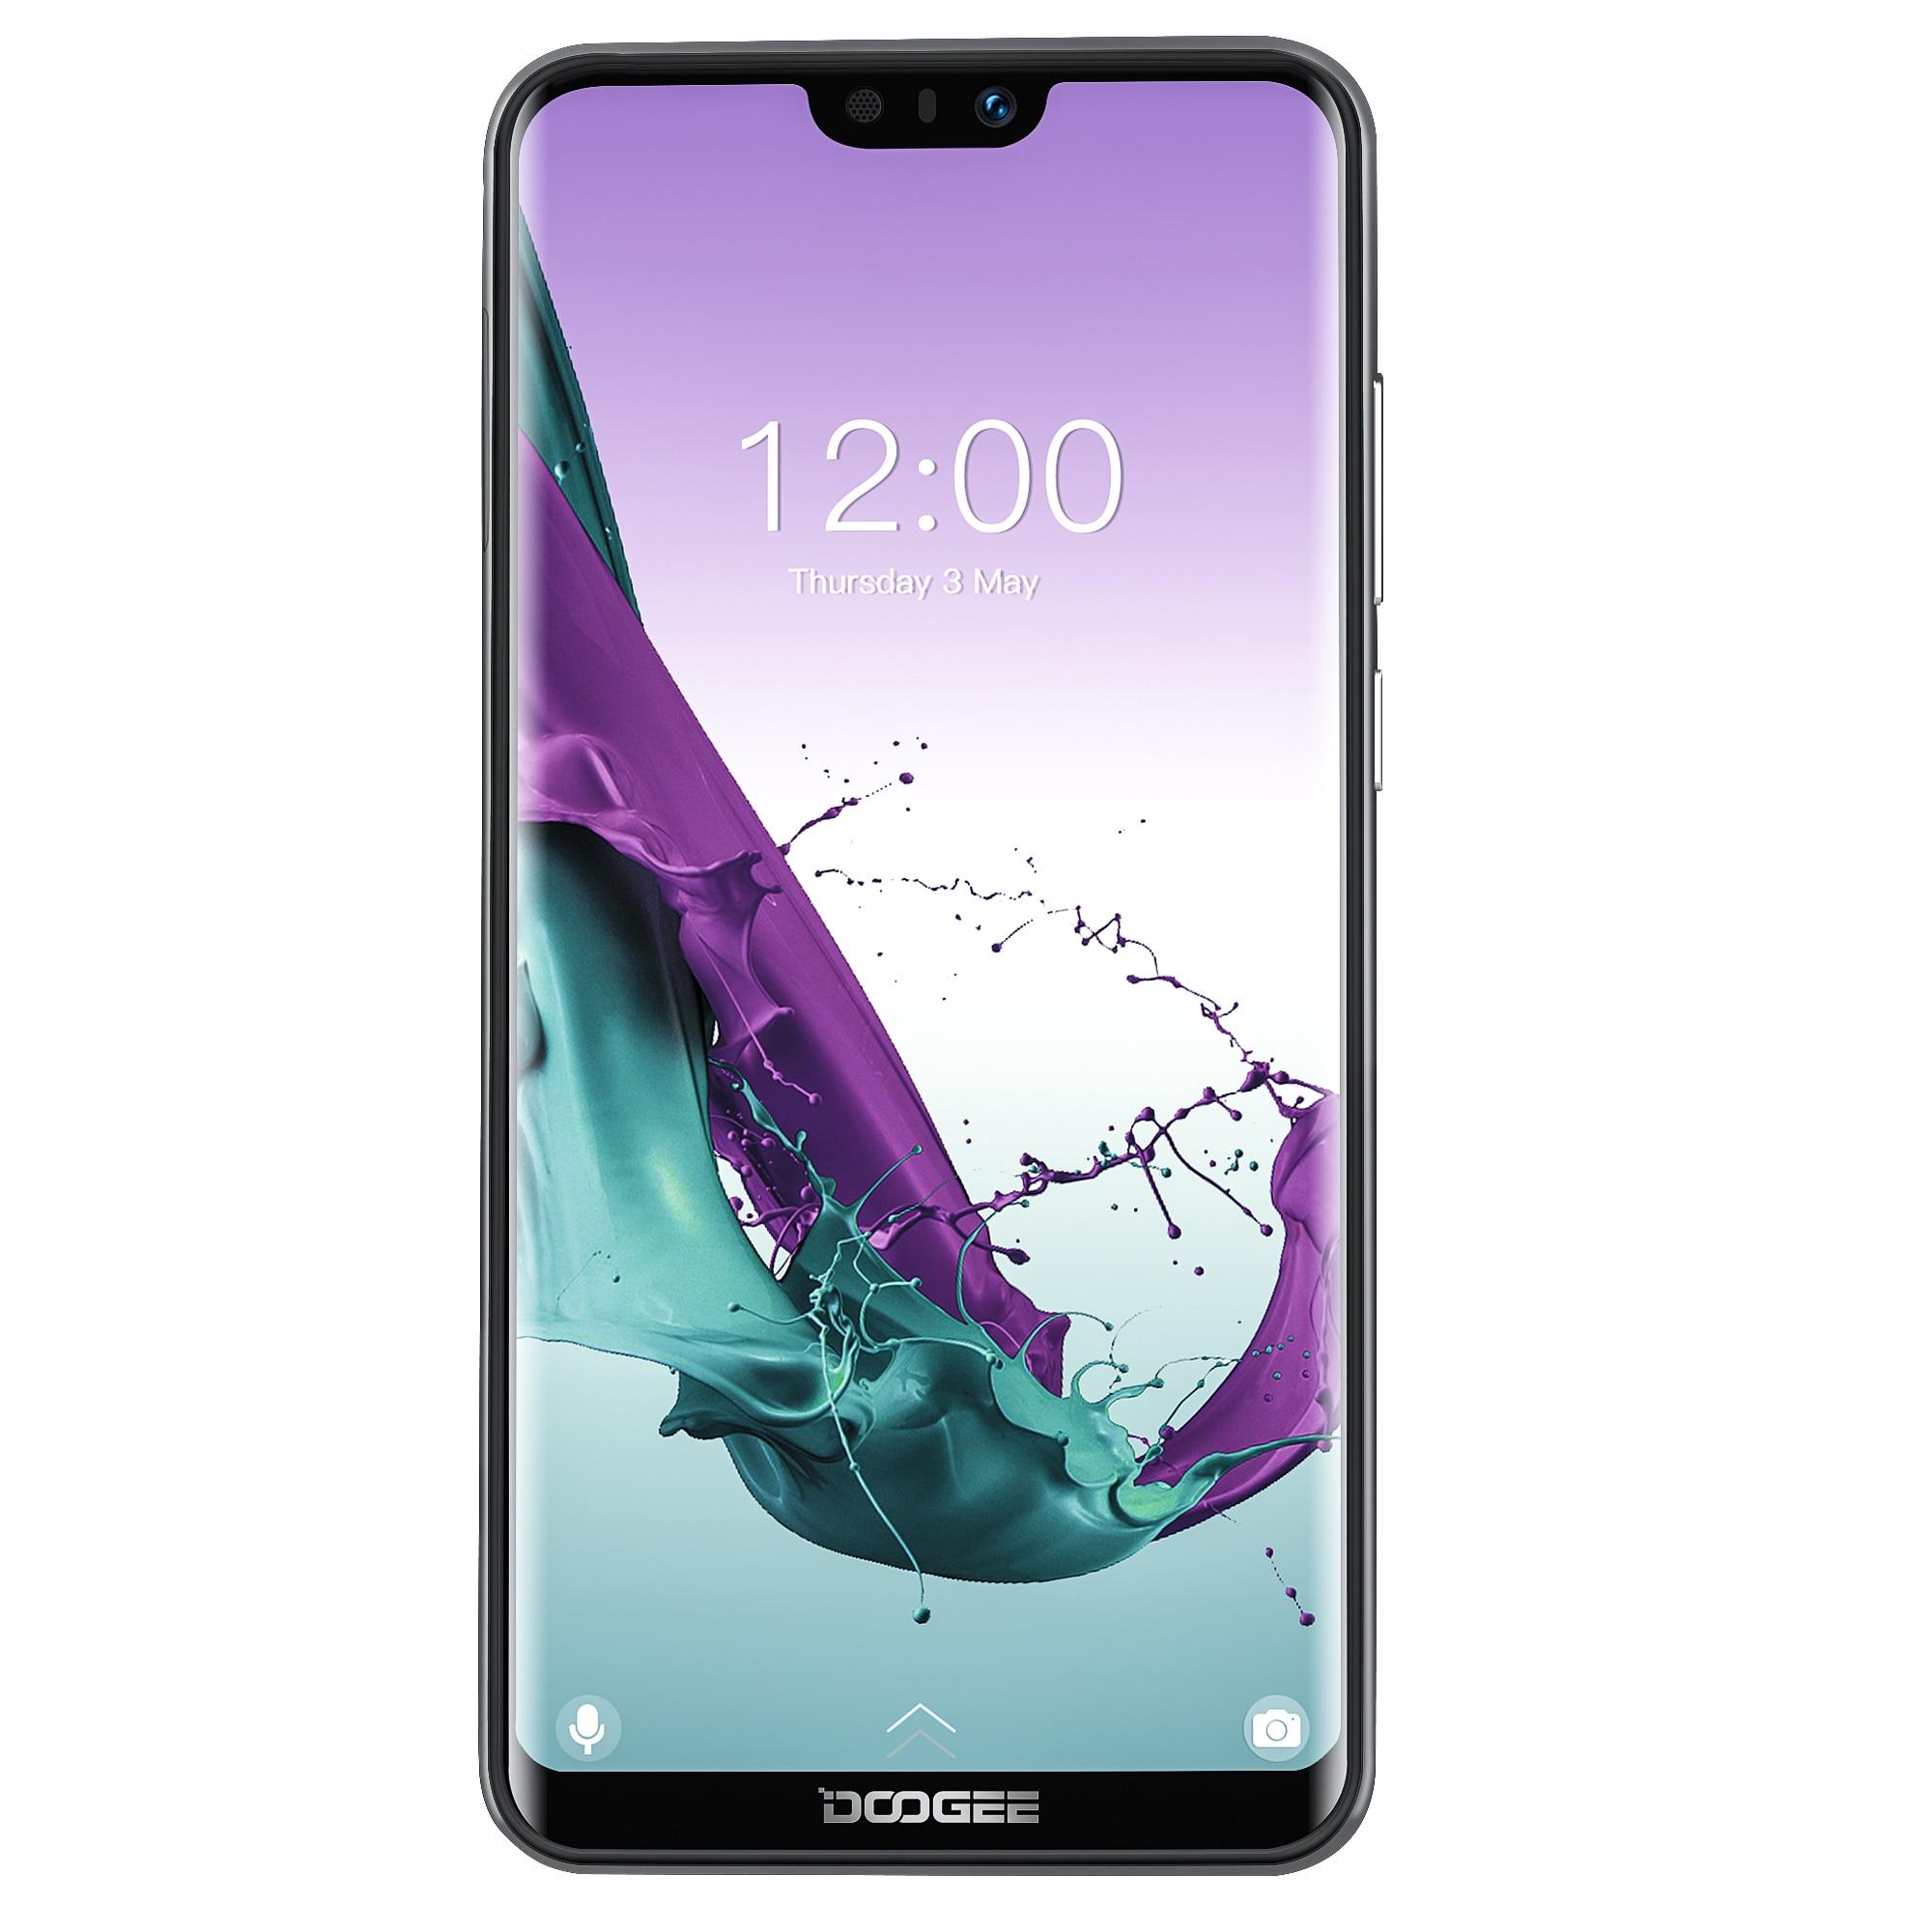 Фото. DOOGEE N10 2019 Android 8,14 аппарат не привязан к оператору сотовой связи мобильный телефон 5,84 дю